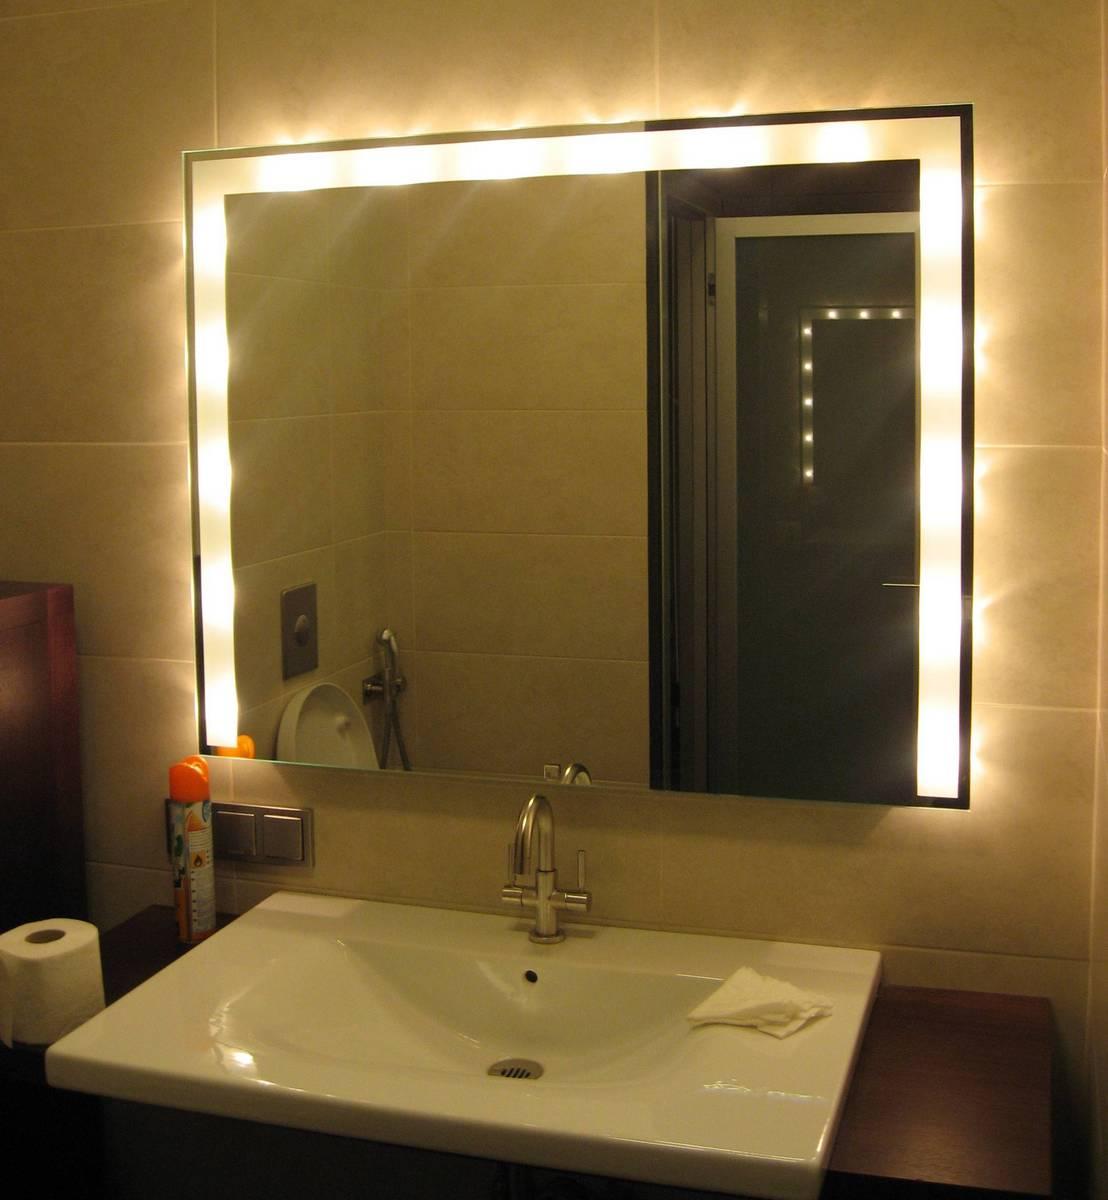 Это произойдет, если намазать мылом зеркало. Я оценил по достоинству хитрый прием!